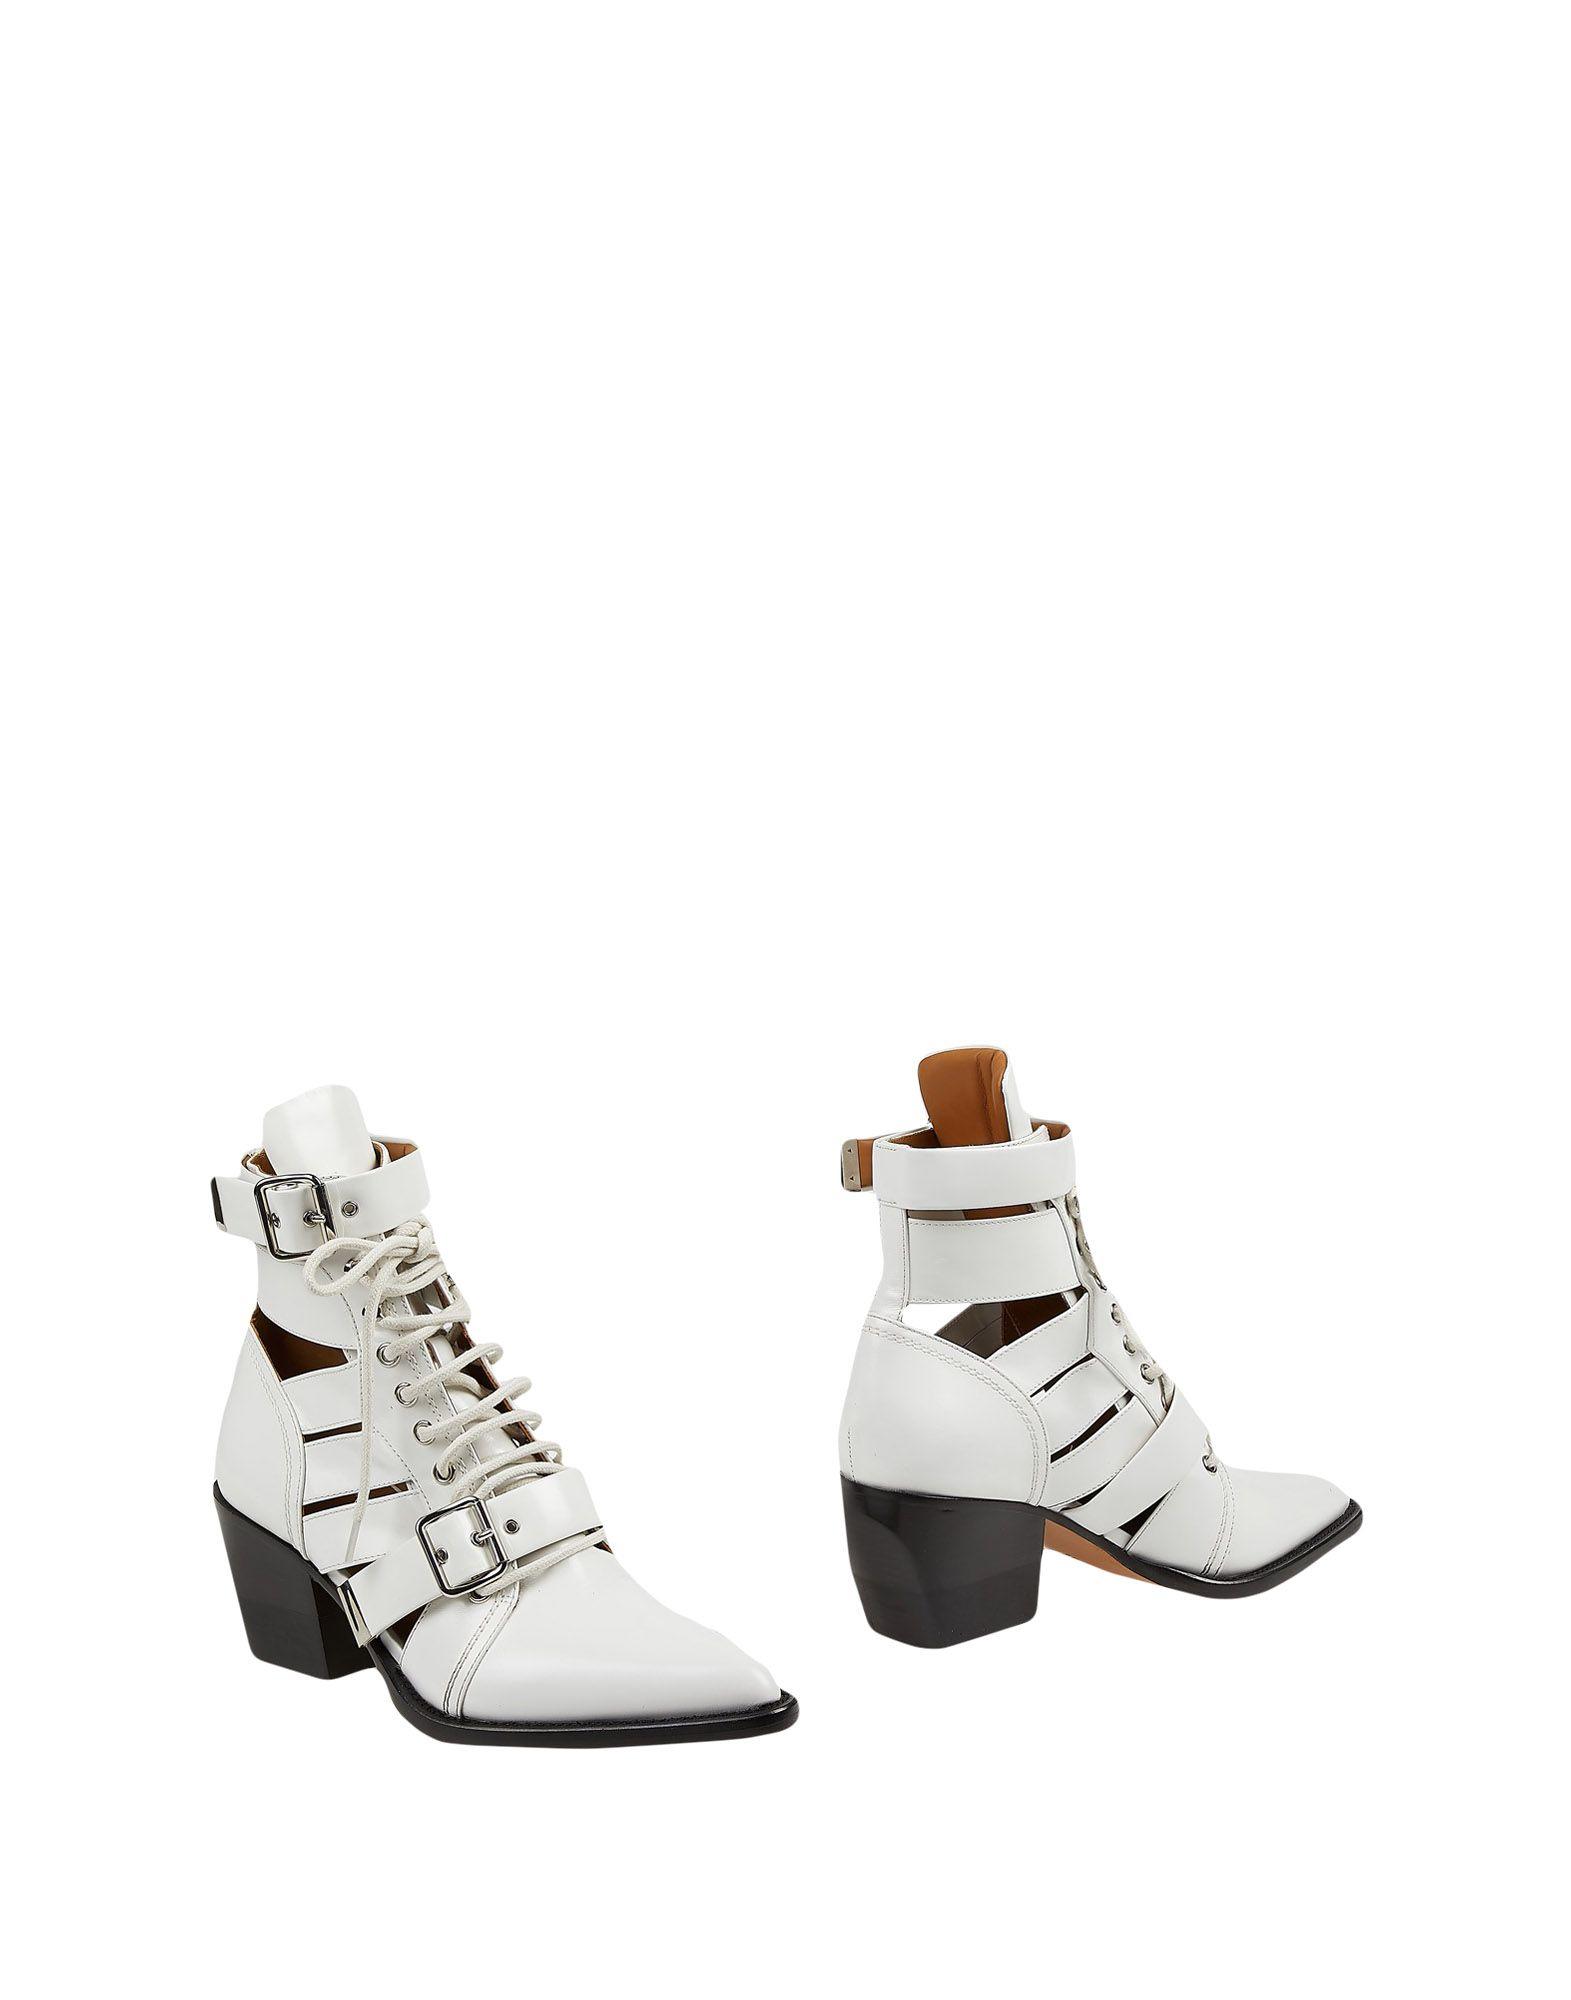 Фото - CHLOÉ Полусапоги и высокие ботинки opp france полусапоги и высокие ботинки